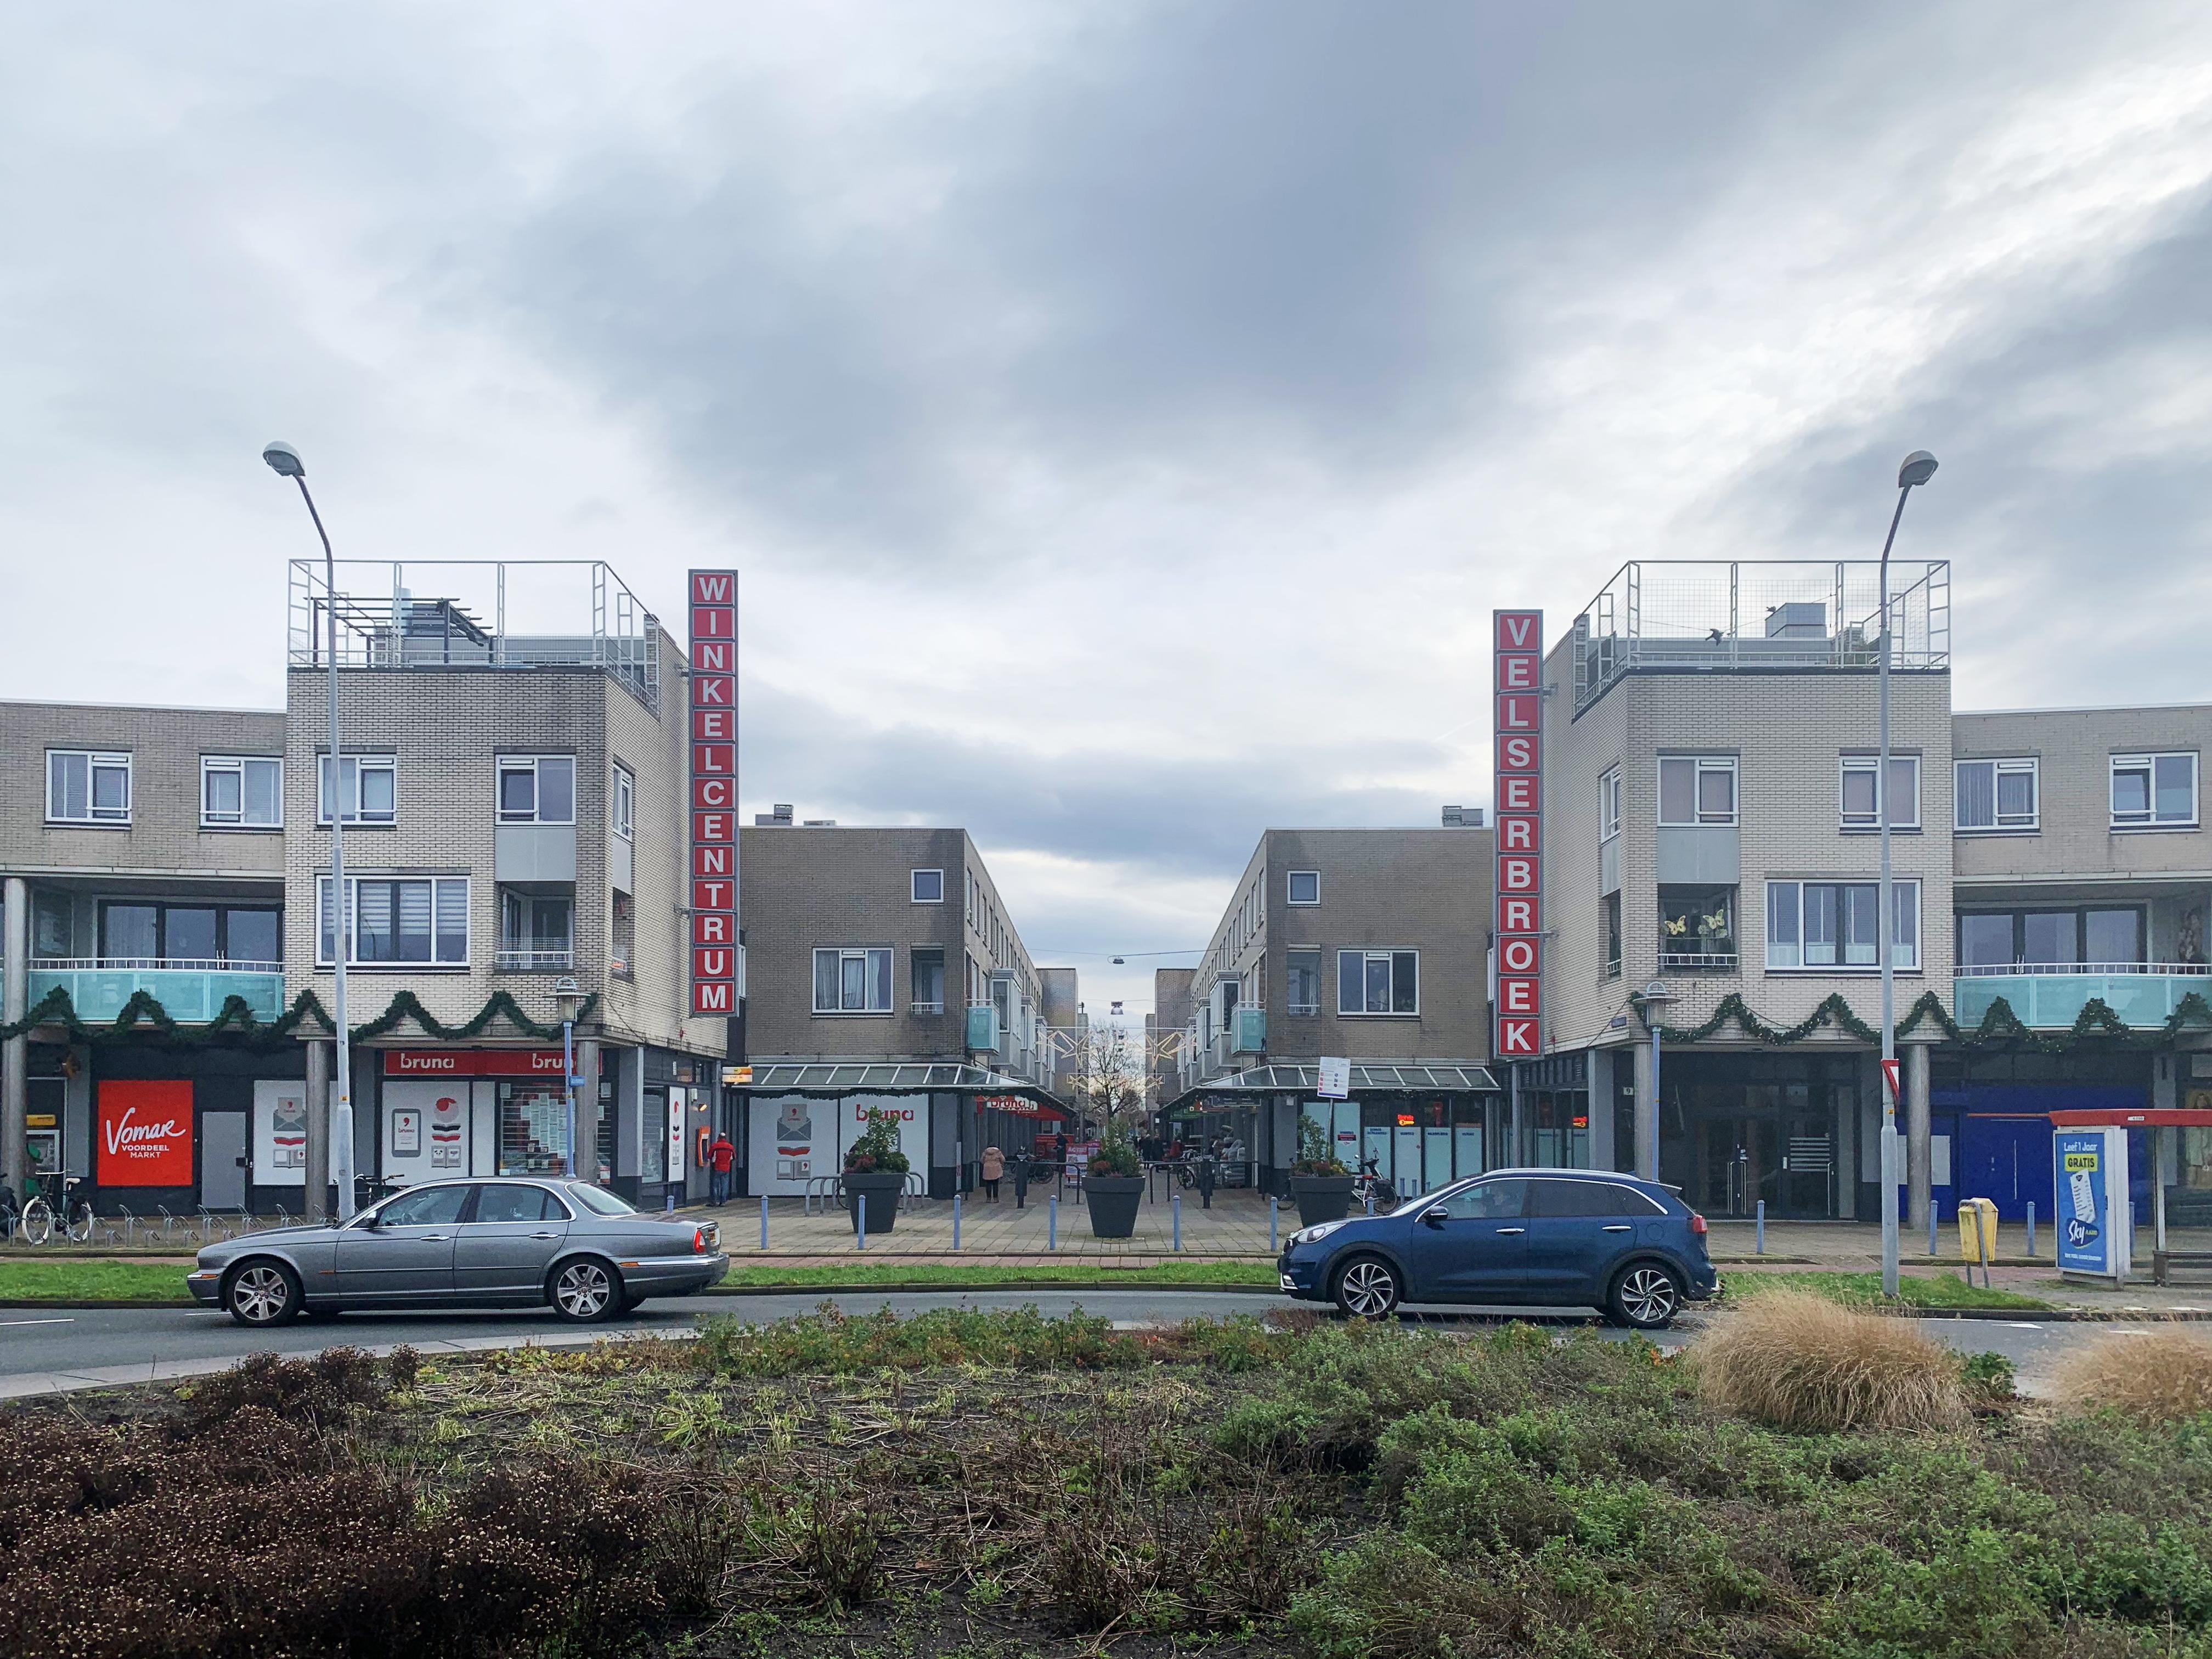 Winkelcentrum Velserbroek mogelijk uitgebreid, wachten is op verkoop van de grond